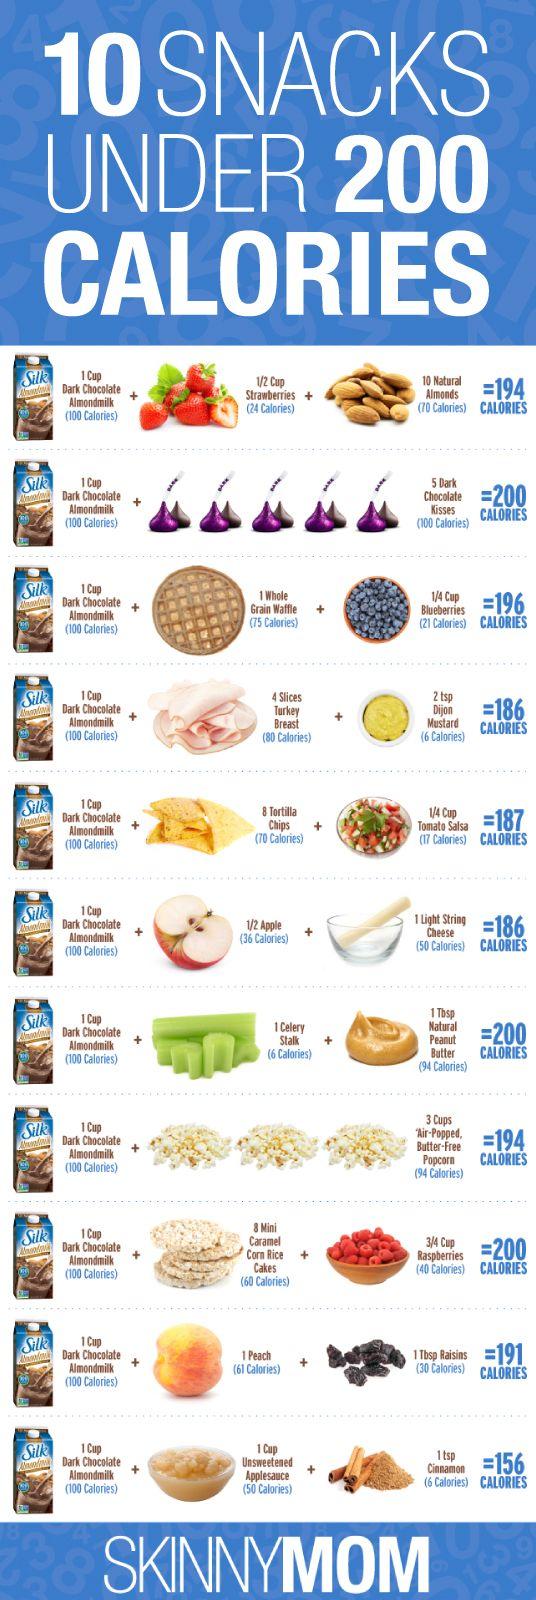 Under 200 calorie snack ideas. Healthy eating. https://www.advocare.com/130818349/Store/default.aspx Descarga los 4 Consejos Adicionales para Bajar de Peso y Tallas Completamente GRATIS! www.bajadepesoya.areb2u.com